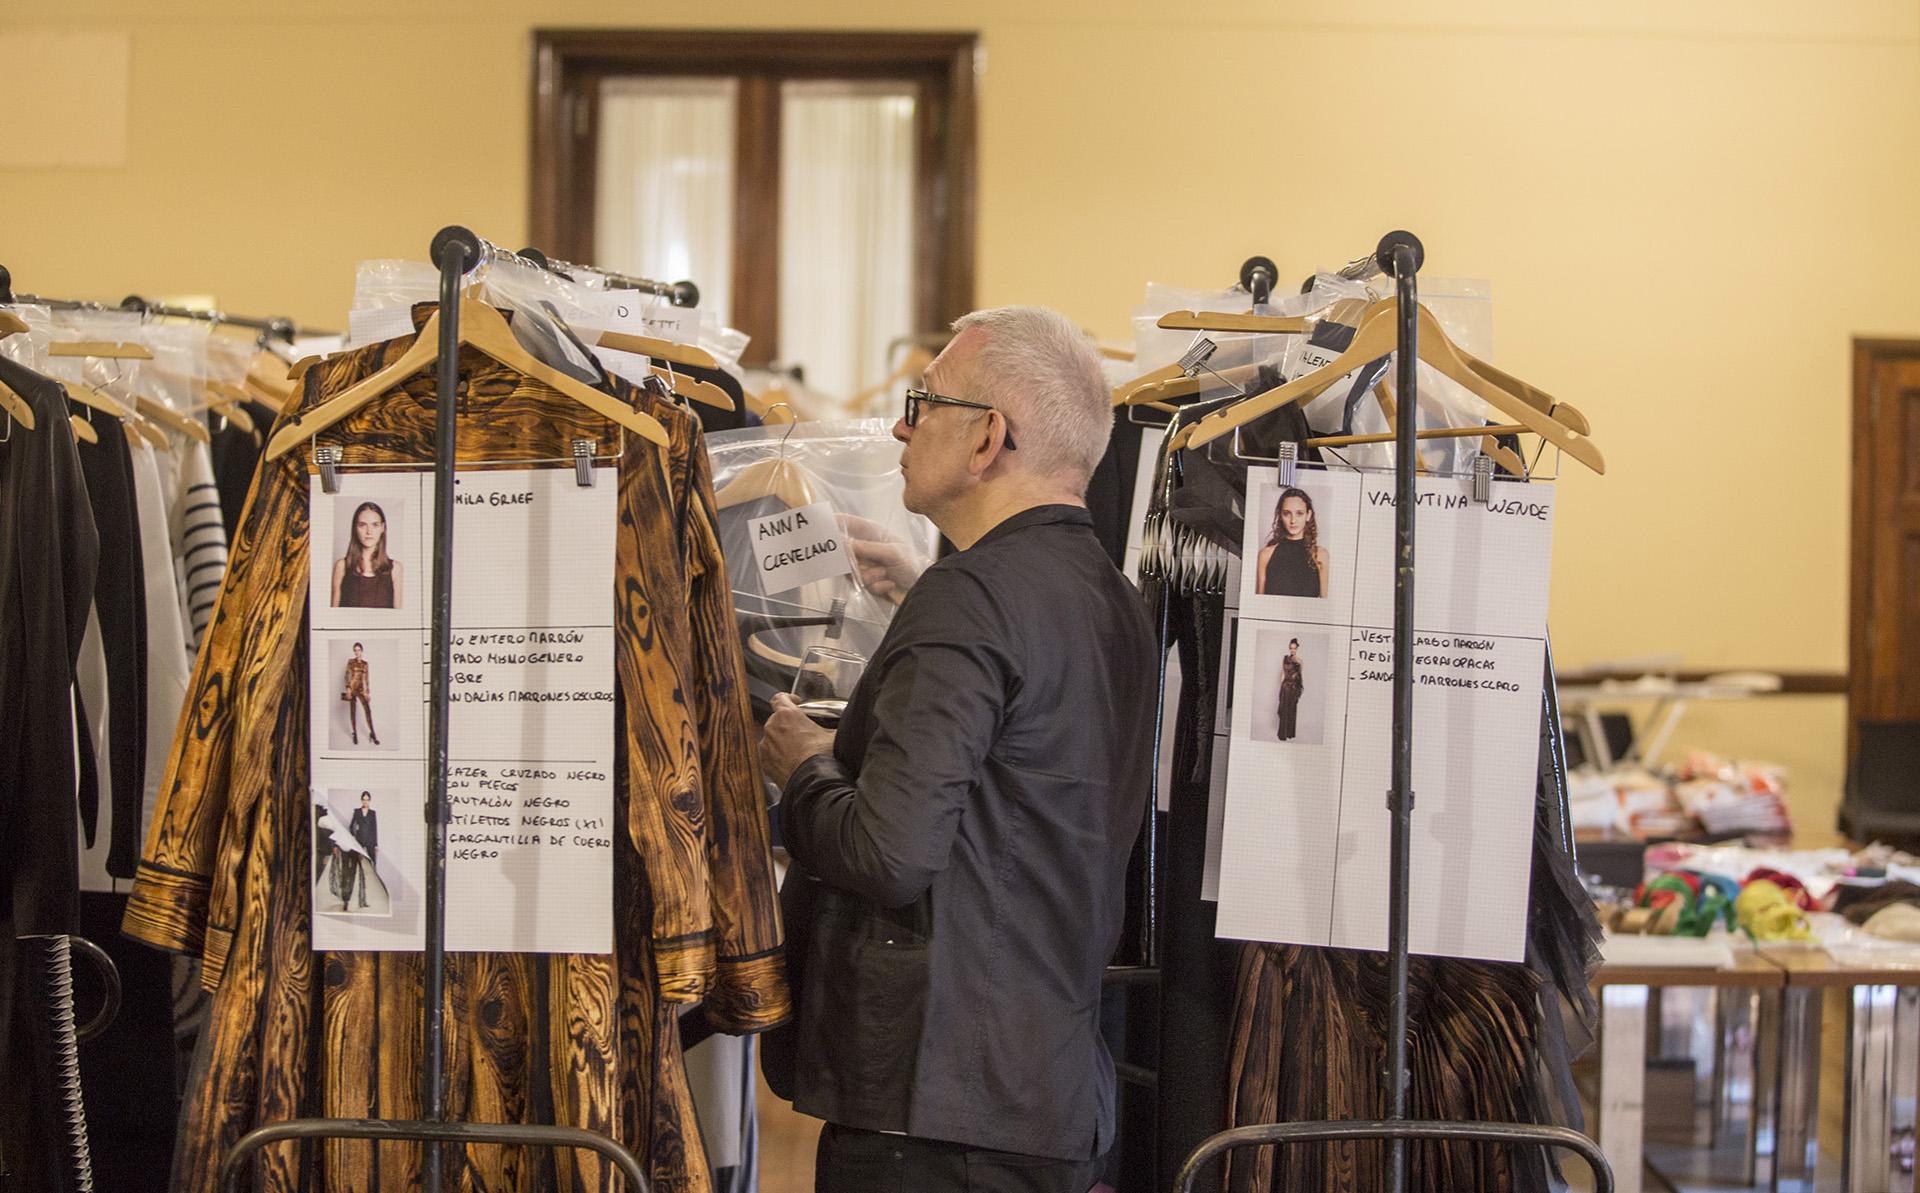 Gaultier en su universo. Ordenando los percheros con las pasadas de cada uno de sus diseños con las modelos seleccionadas para desfilar en el CCK